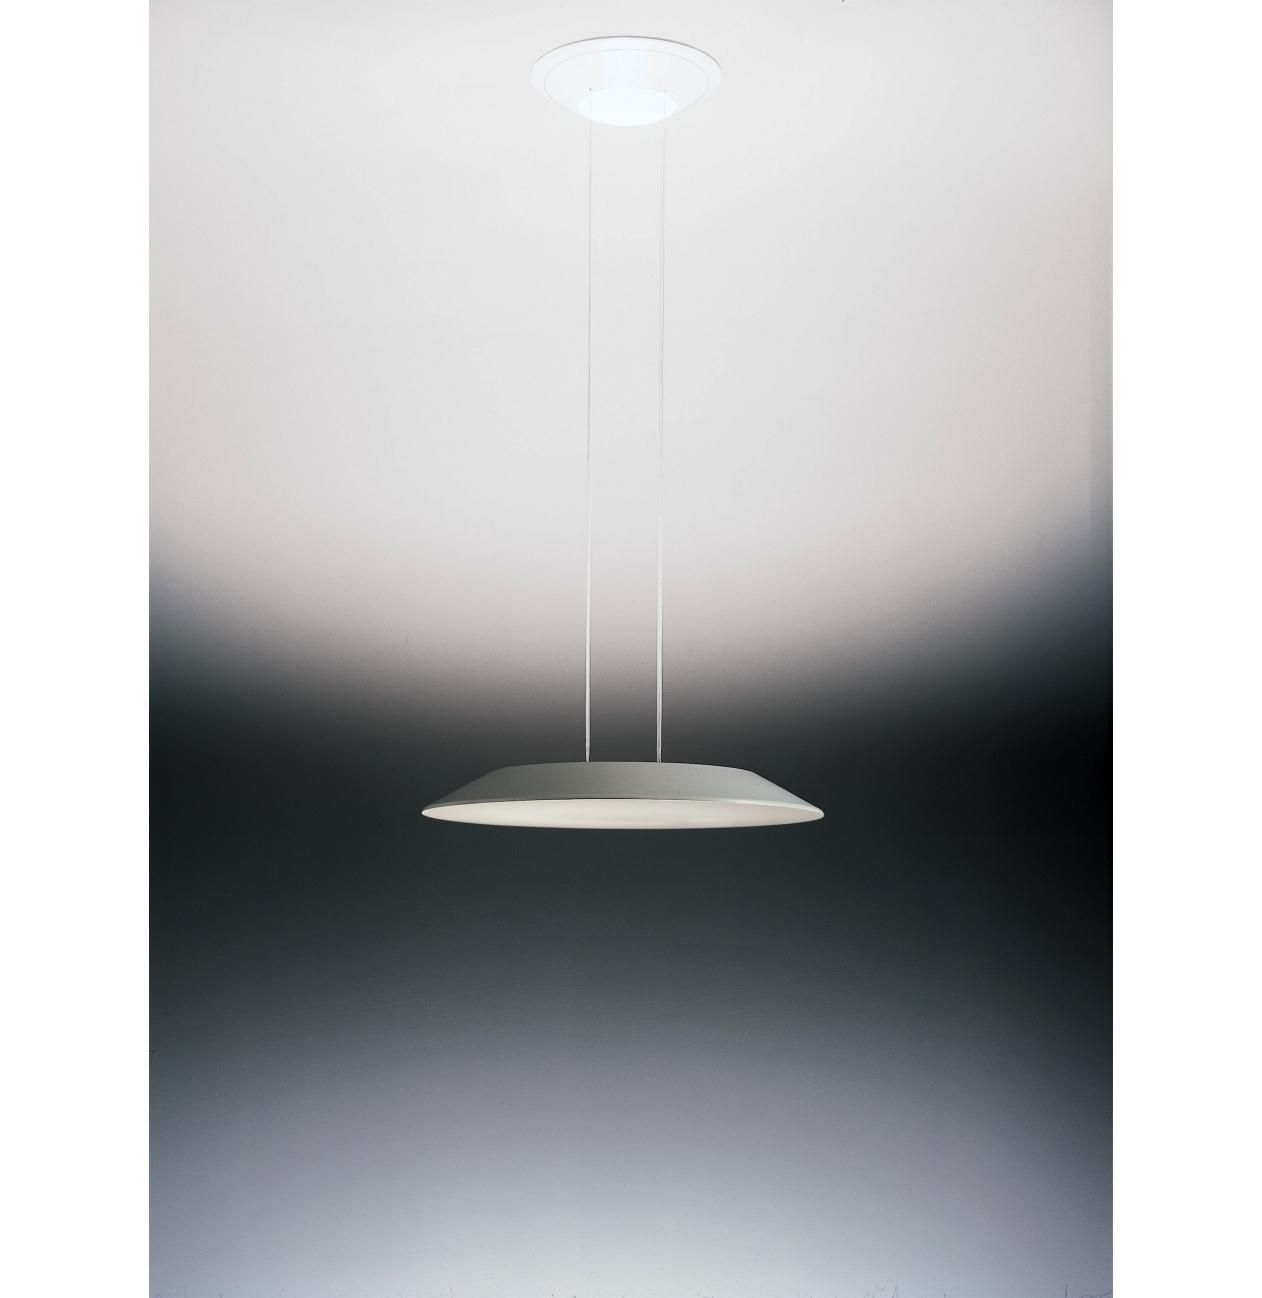 Artemide hanglamp float c circolare wit versteeg lichtstudio - Artemide lichtarmatuur ...